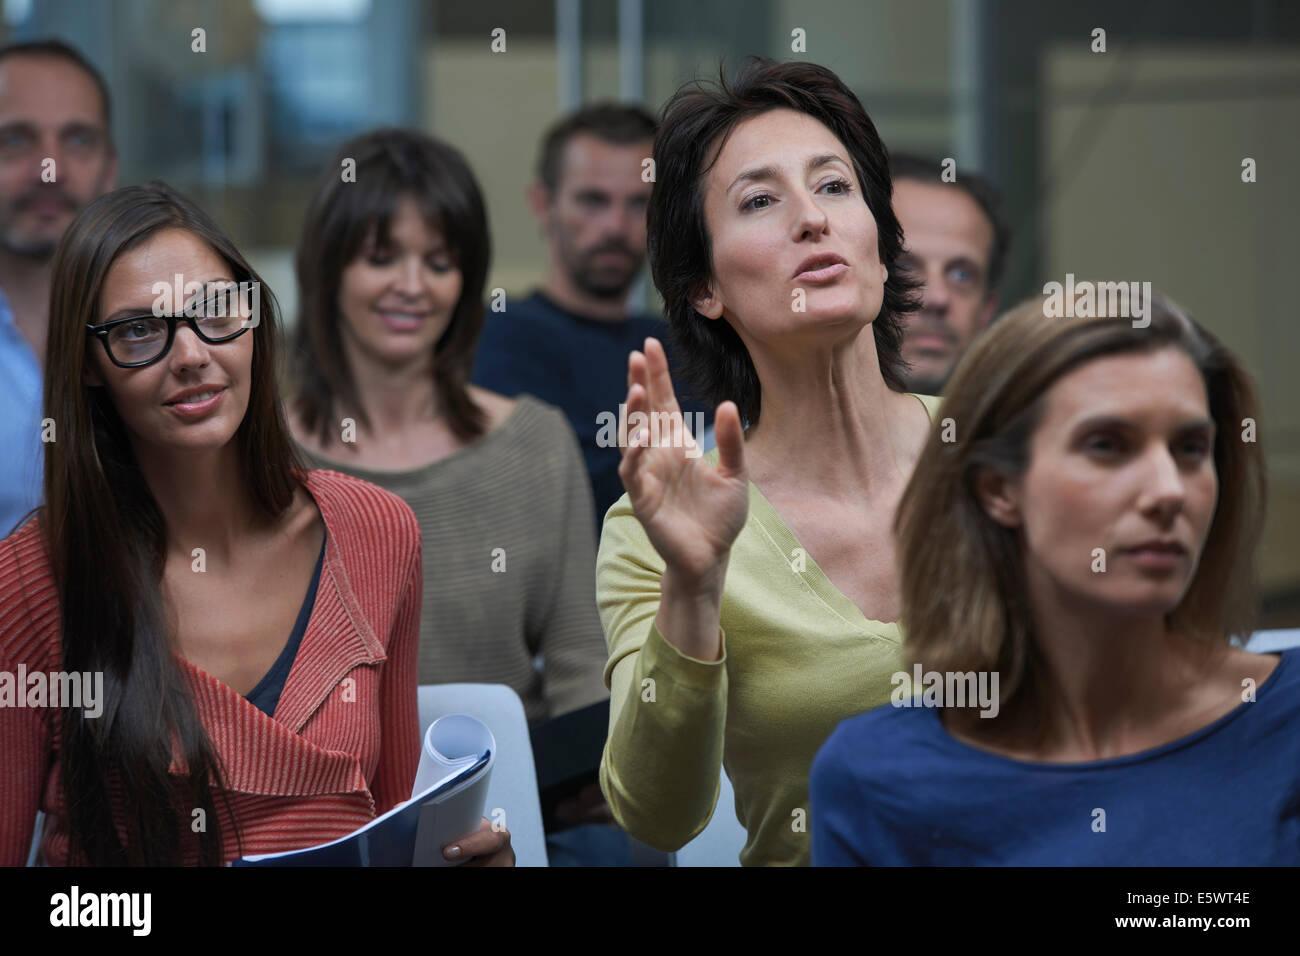 Regarder la présentation de groupe, woman raising hand Photo Stock